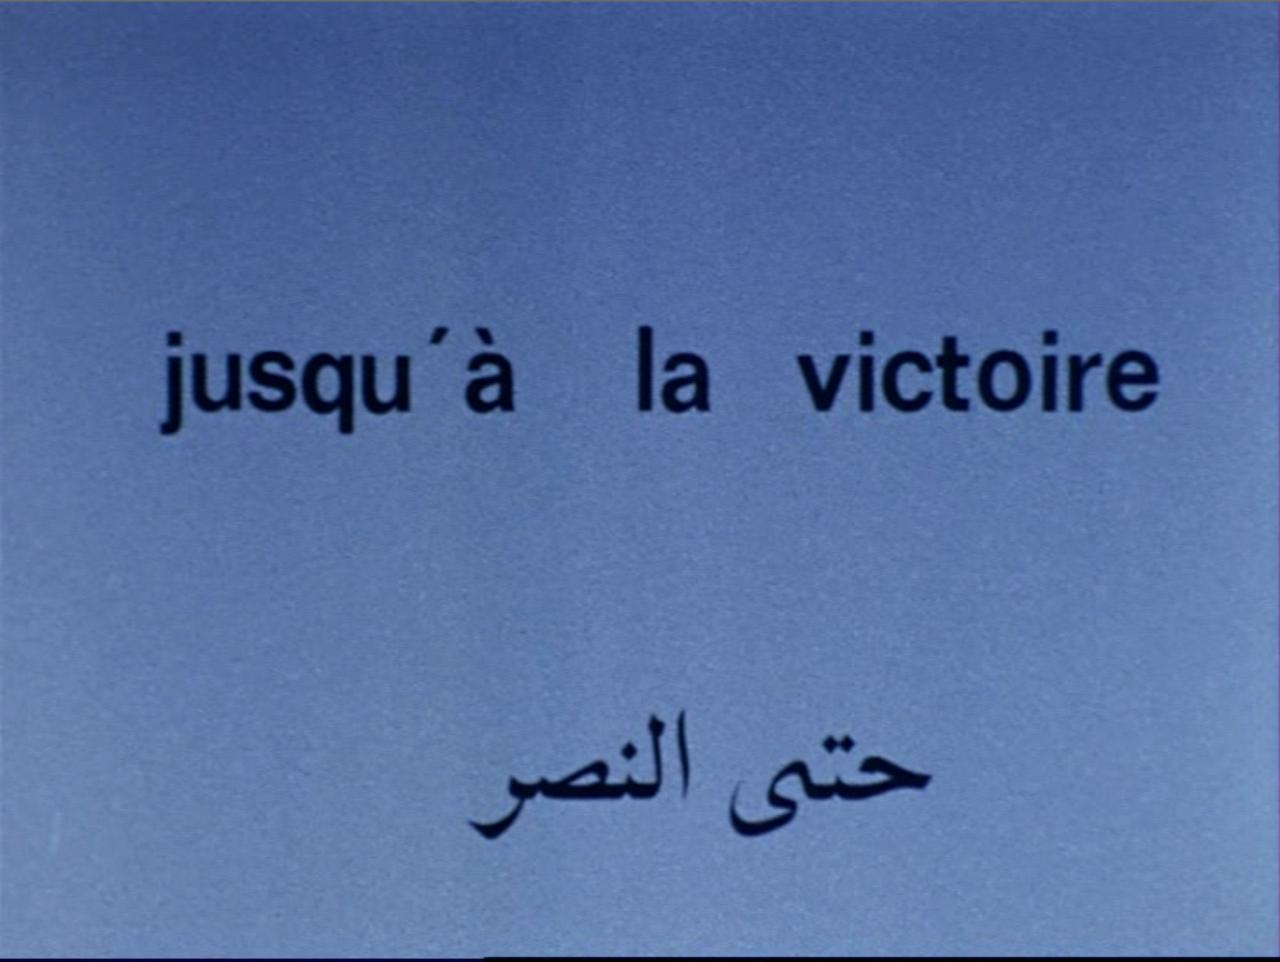 画像: Jusqu'à la victoire   Diagonal Thoughts